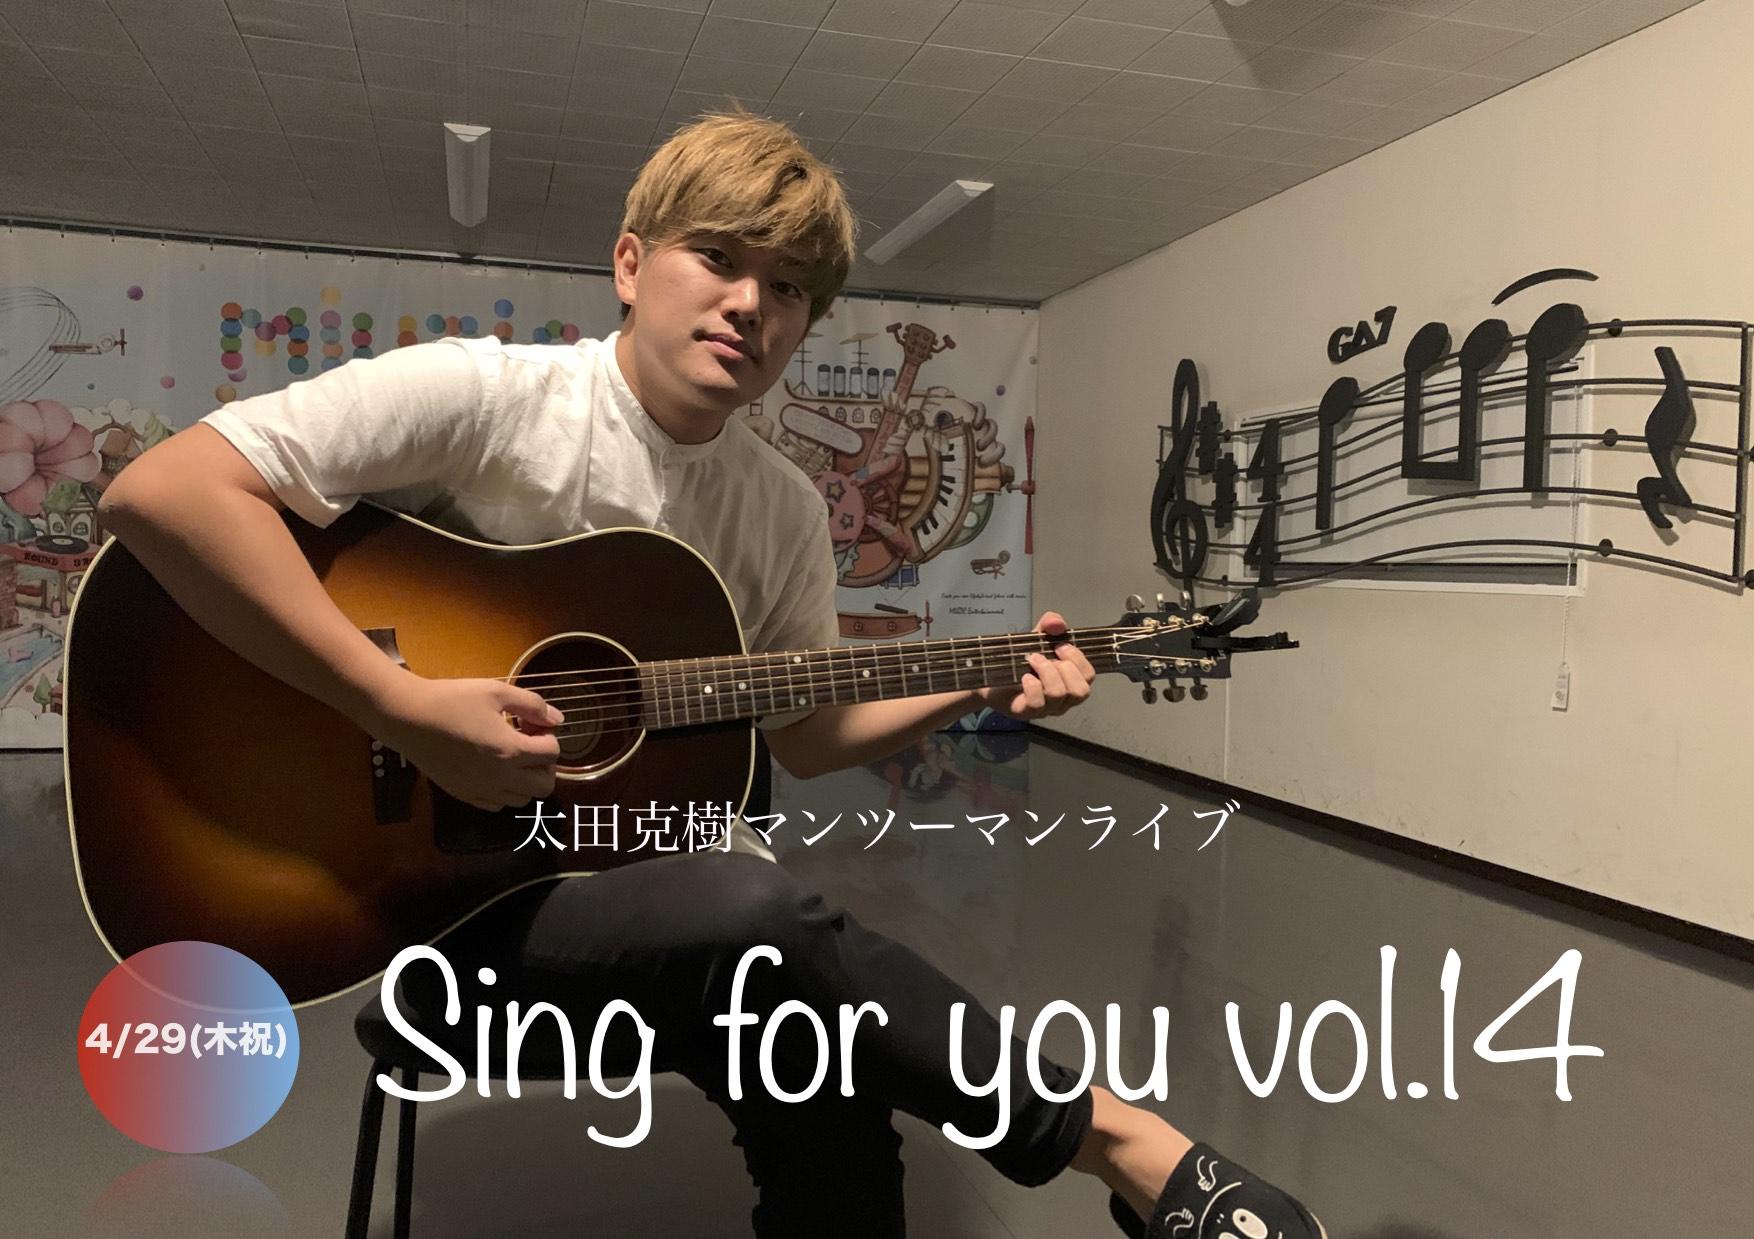 【太田克樹】4/29(木祝)マンツーマンライブ「Sing for you vol.14」